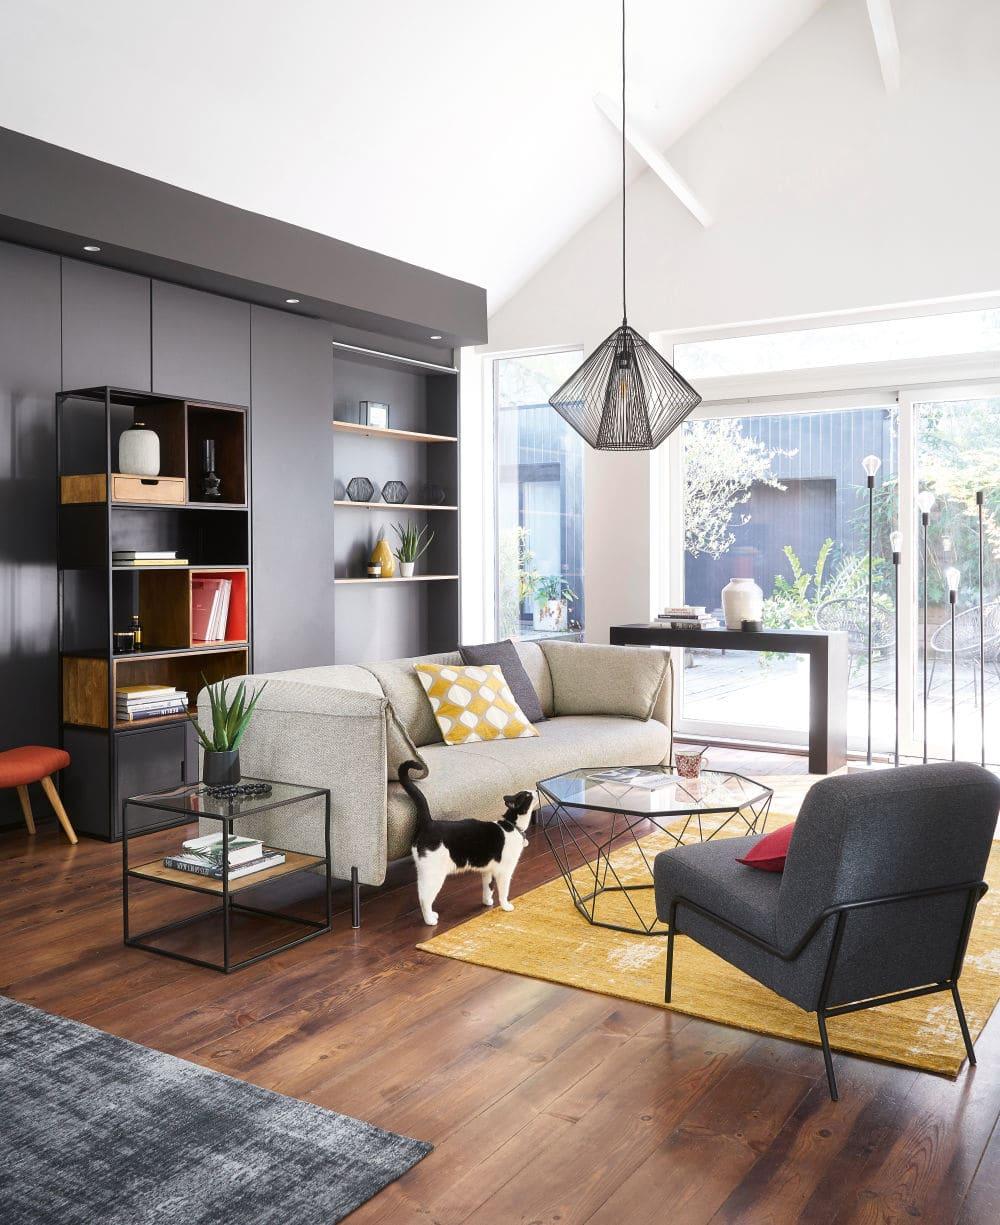 Wohnzimmermöbel Betonoptik